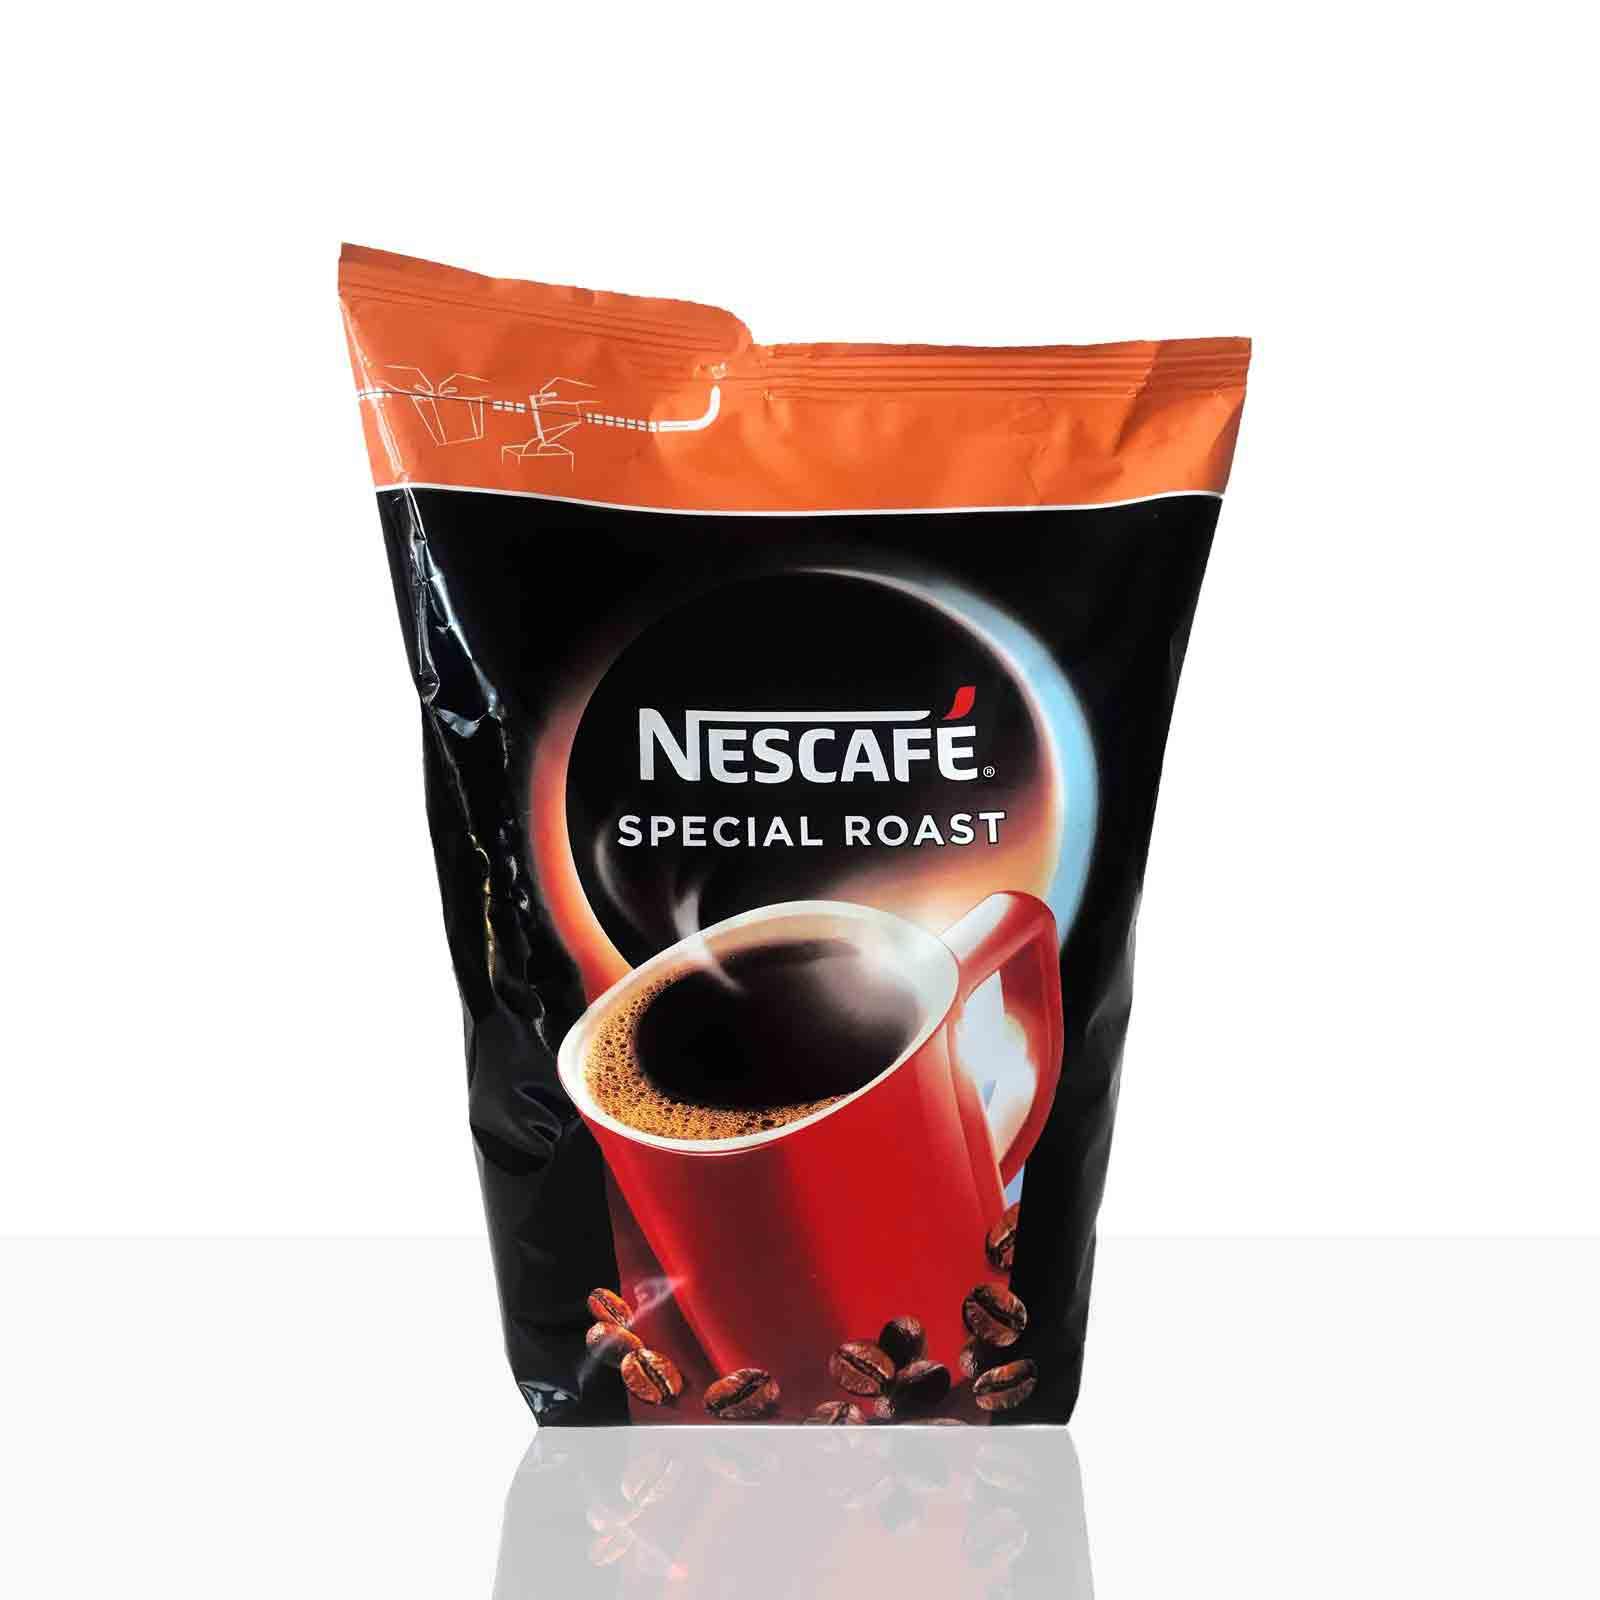 Nestle Nescafe Special Roast - 500g Instant-Kaffee